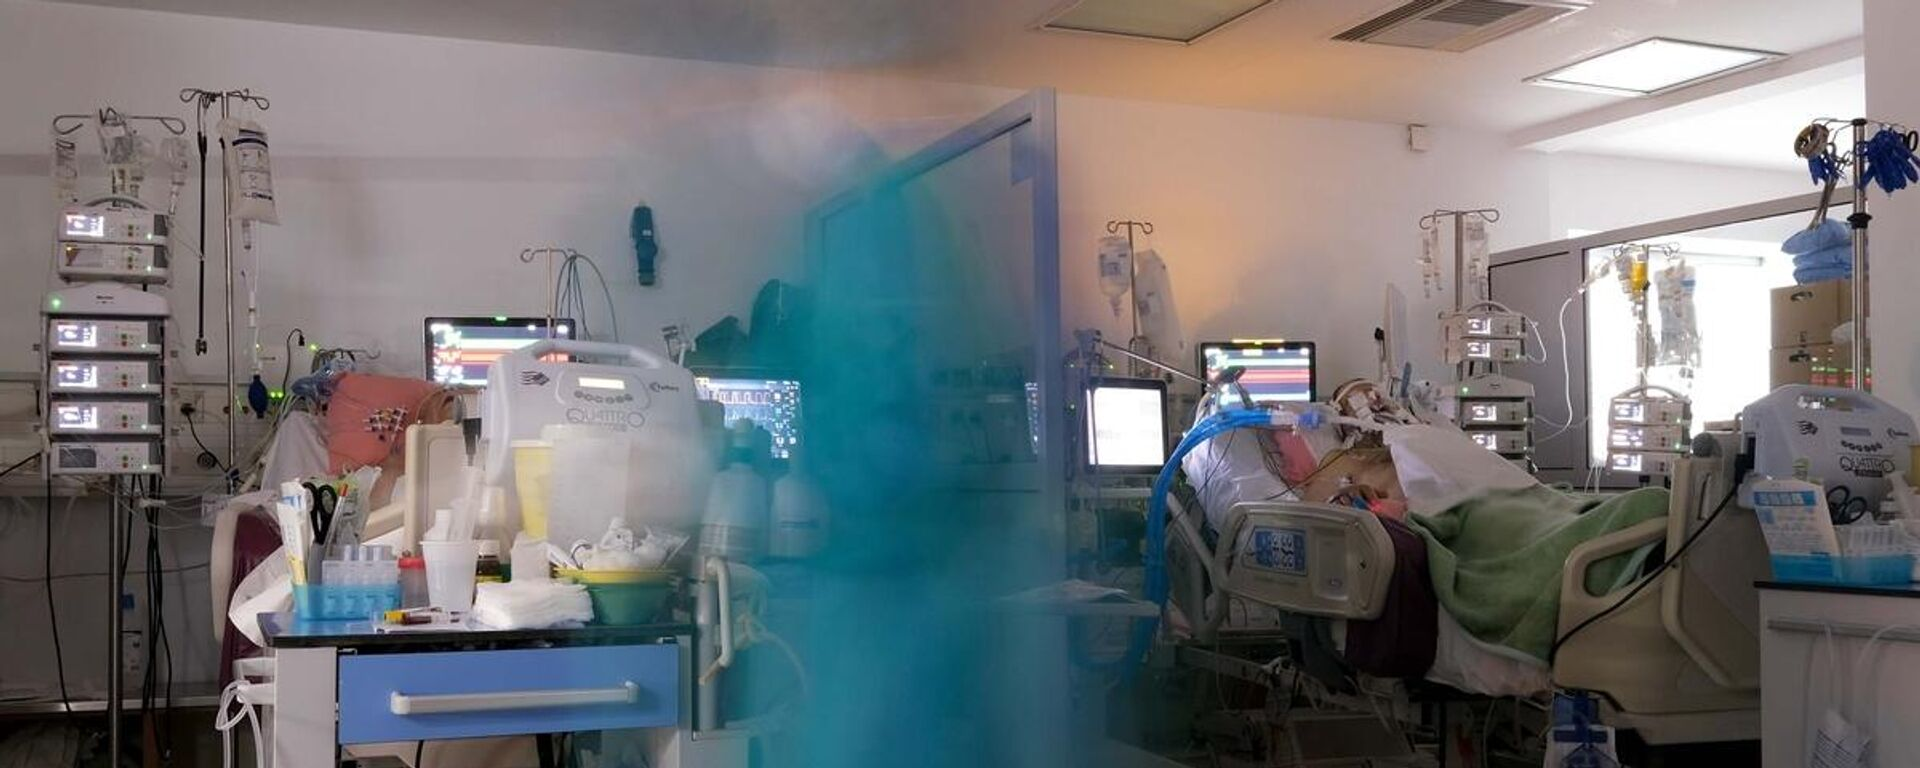 ΜΕΘ στο Νοσοκομείο Θωρακικών Νοσημάτων της Αθήνας - Sputnik Ελλάδα, 1920, 17.09.2021